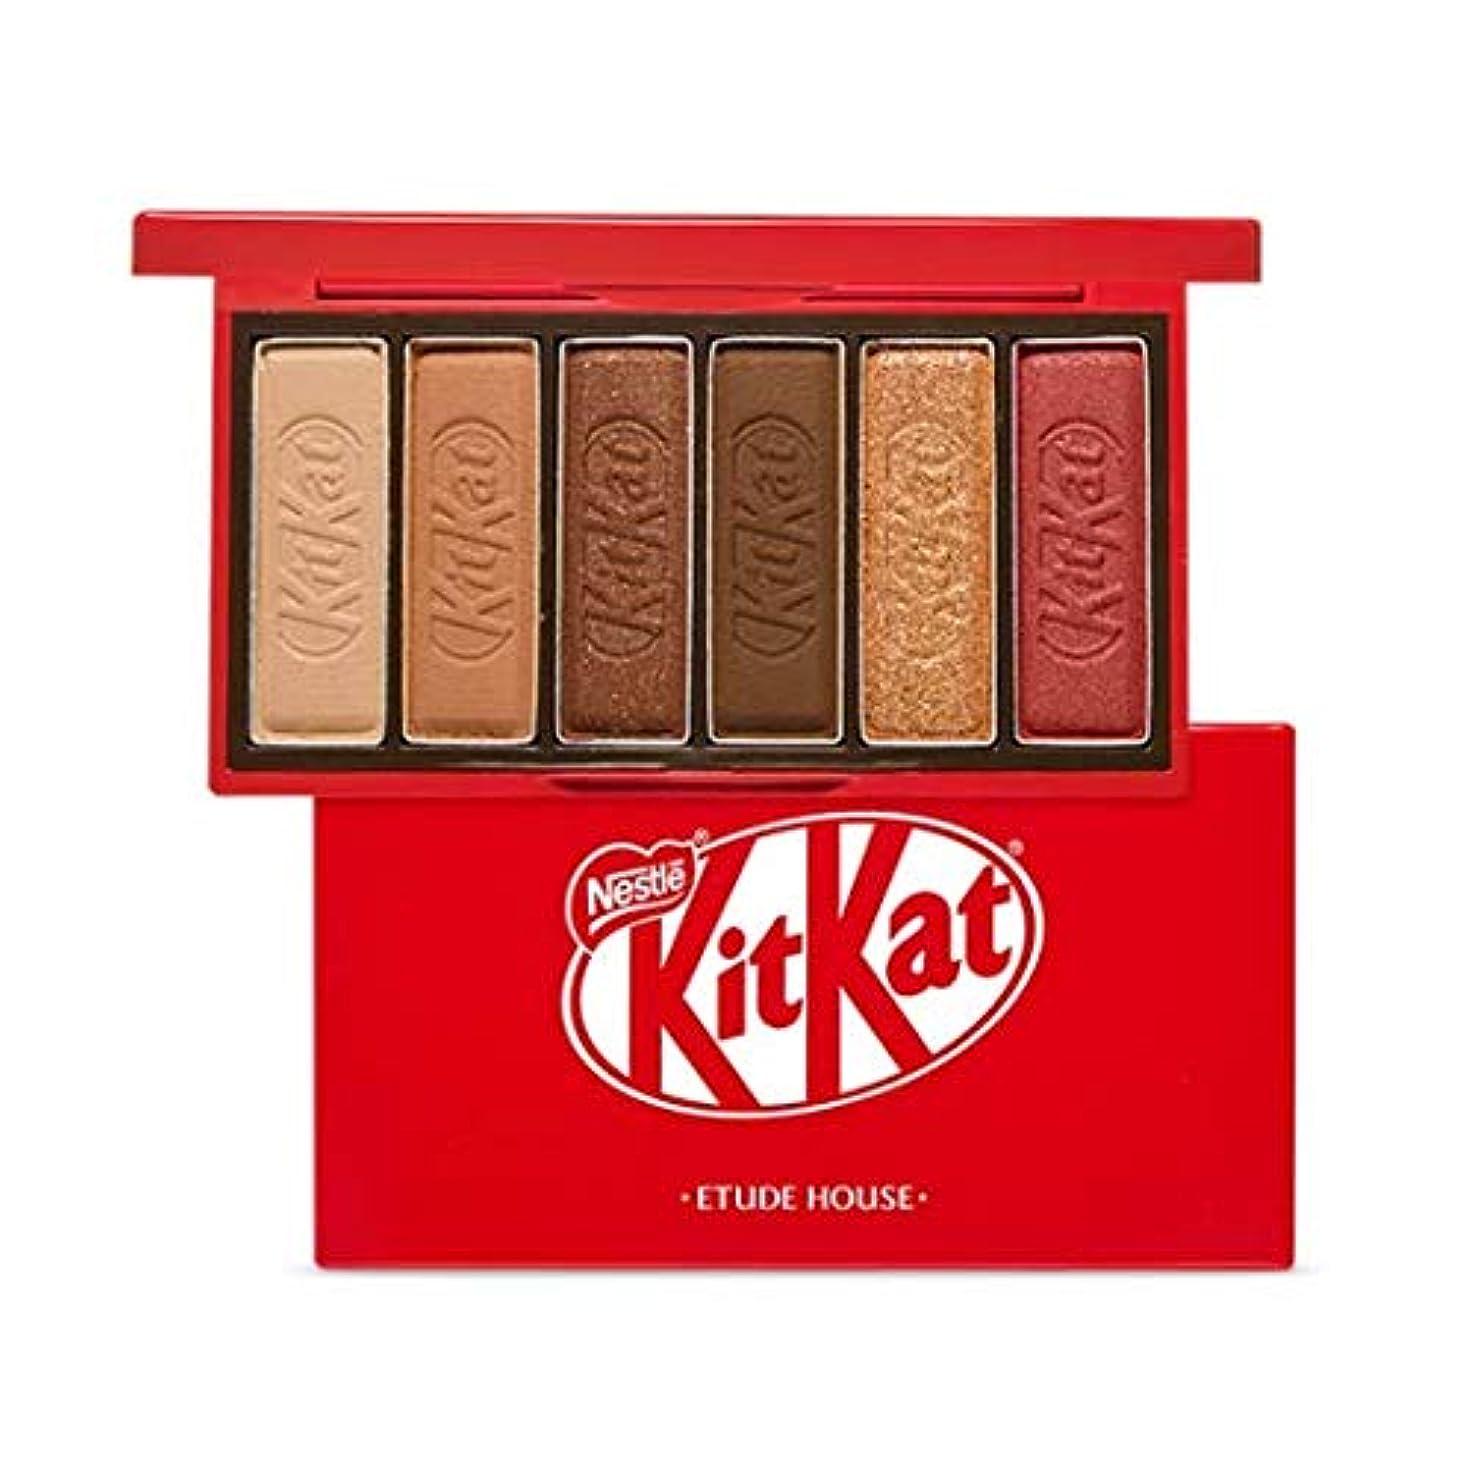 地上で統合するエレガントエチュードハウス キットカット プレイカラー アイズ ミニ 1*6g / ETUDE HOUSE KitKat Play Color Eyes Mini #1 KitKat Original [並行輸入品]